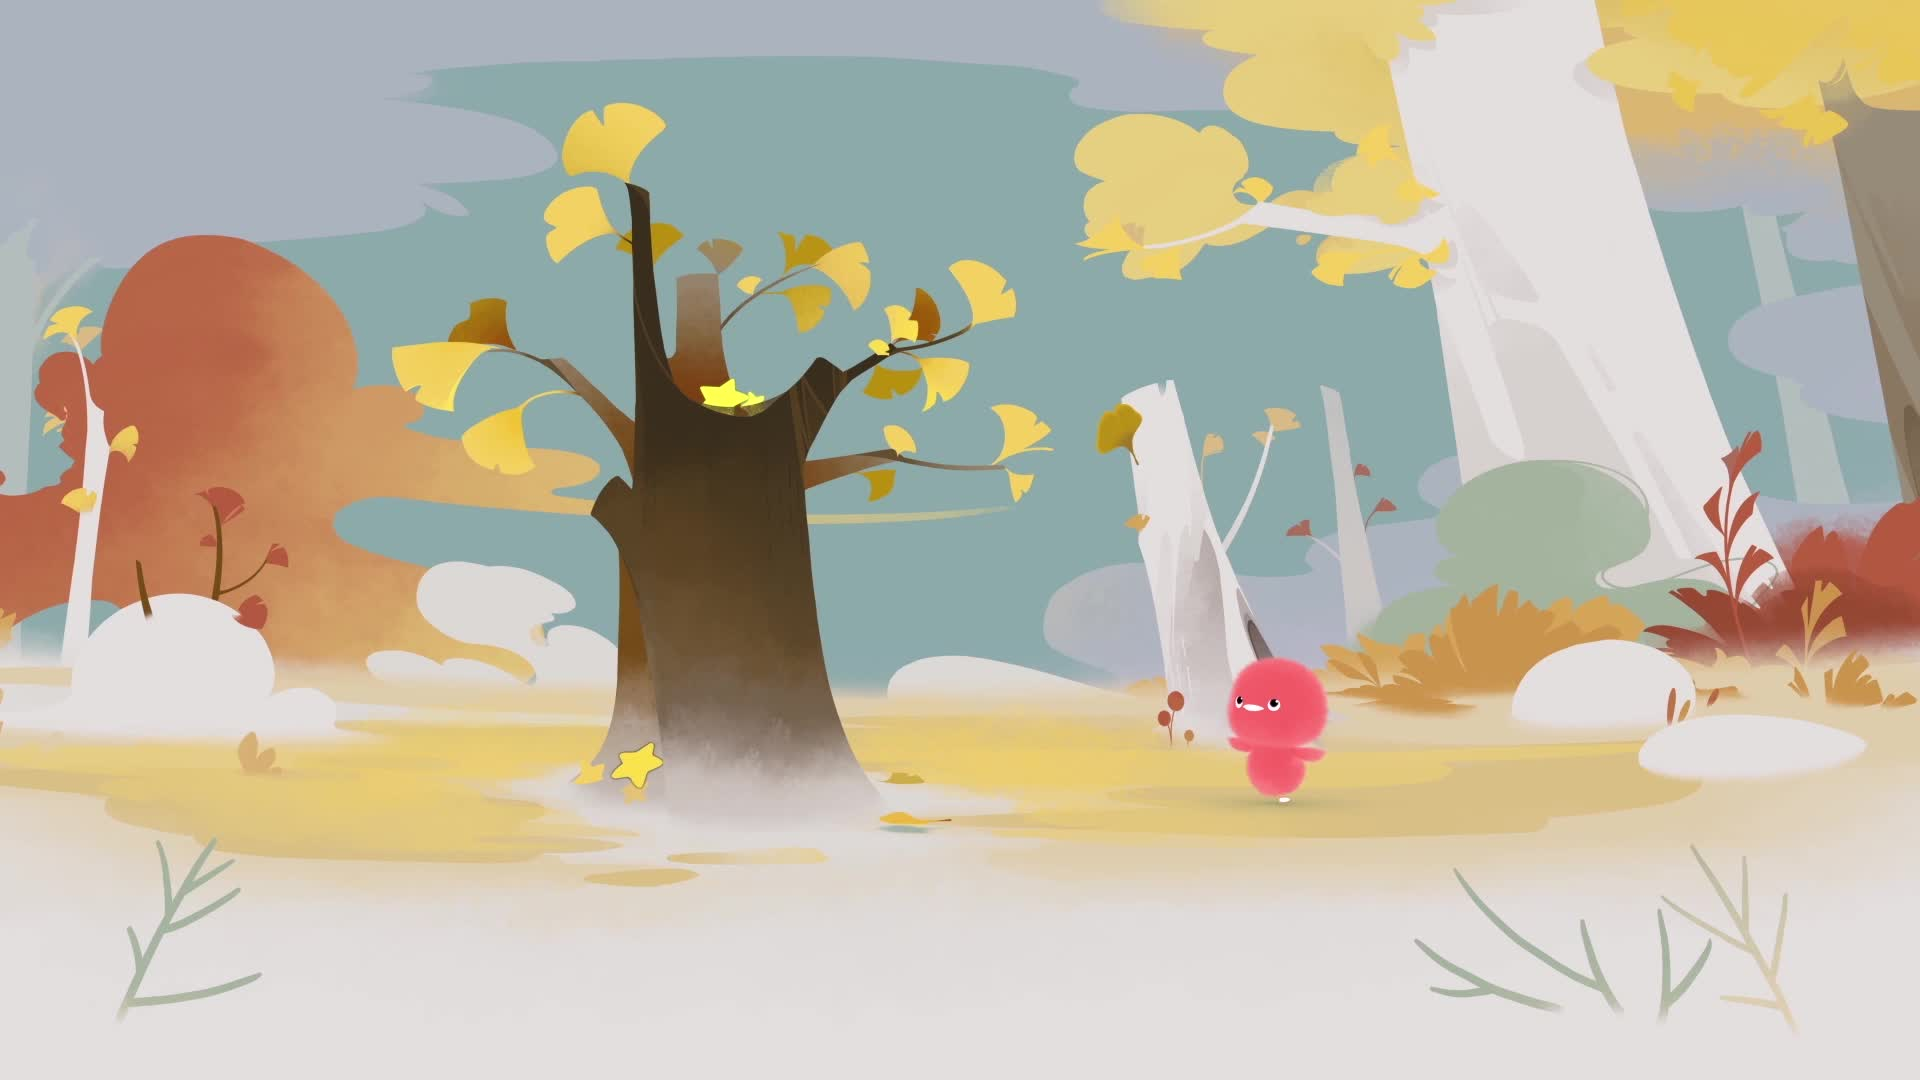 《小鸡彩虹》 第五季 12别再掉叶子啦